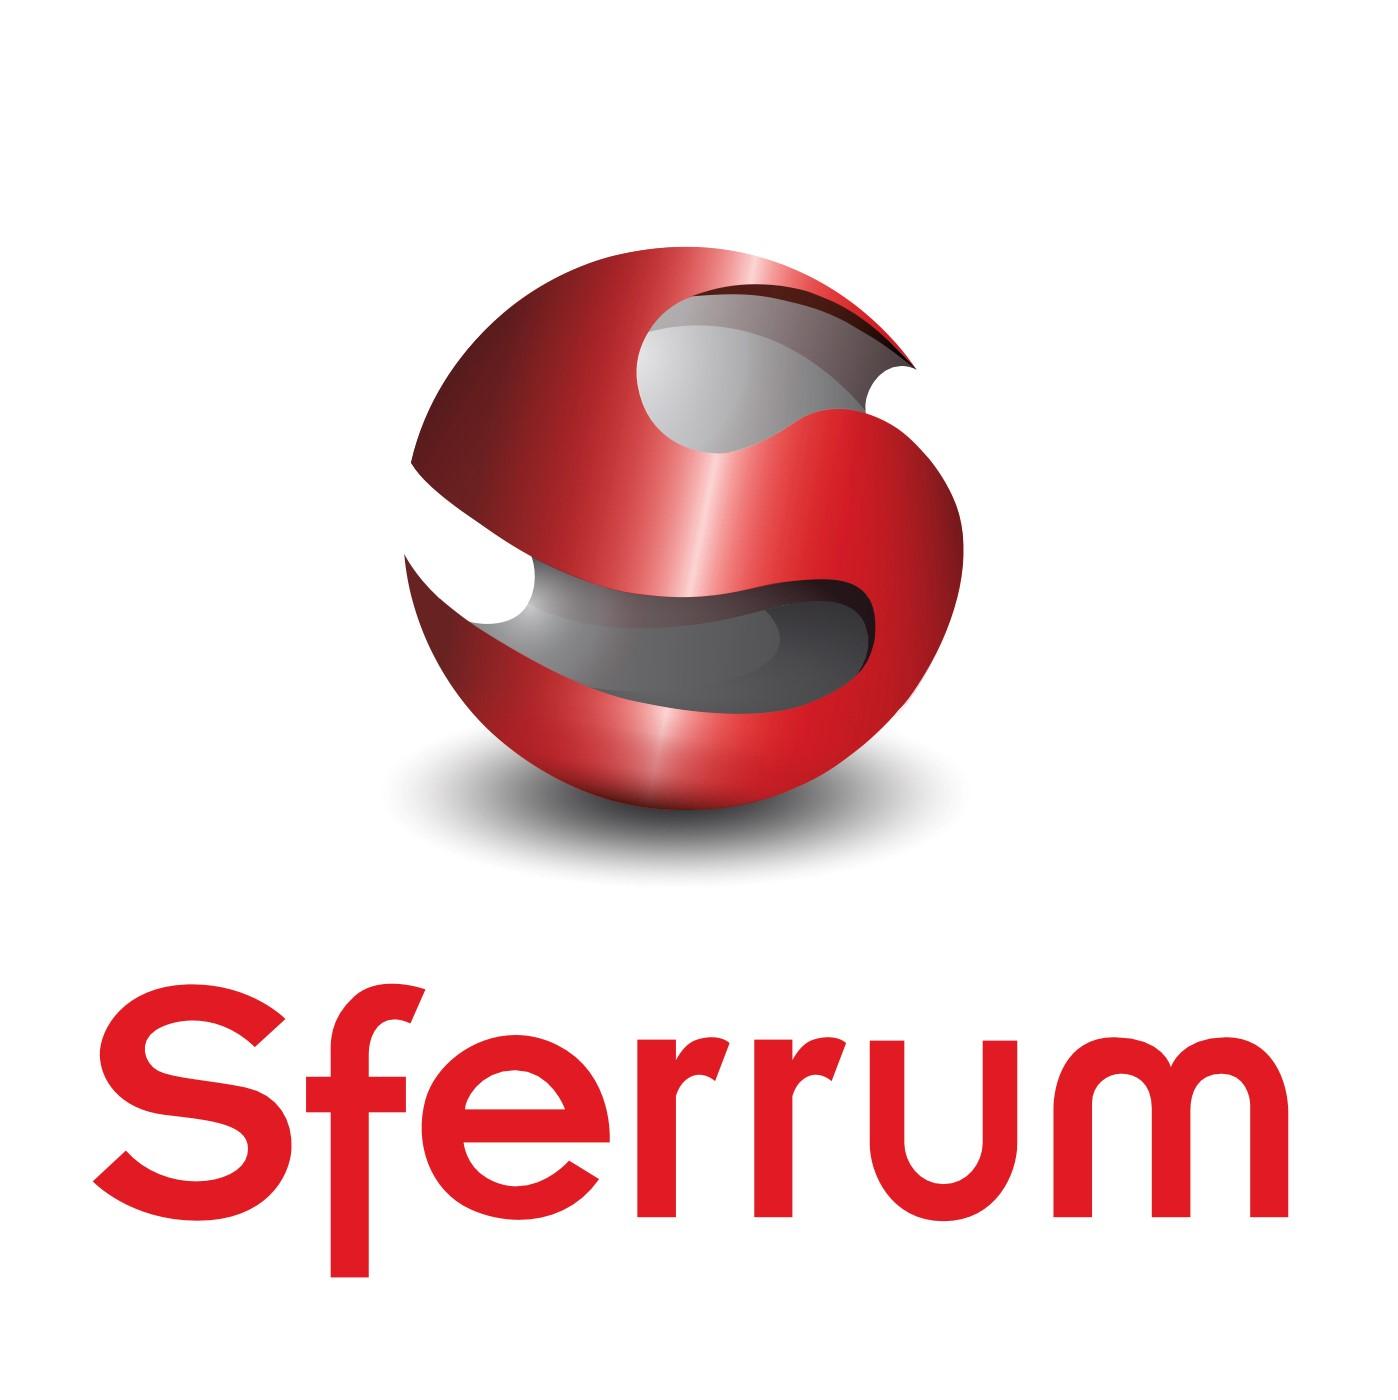 Sferrum